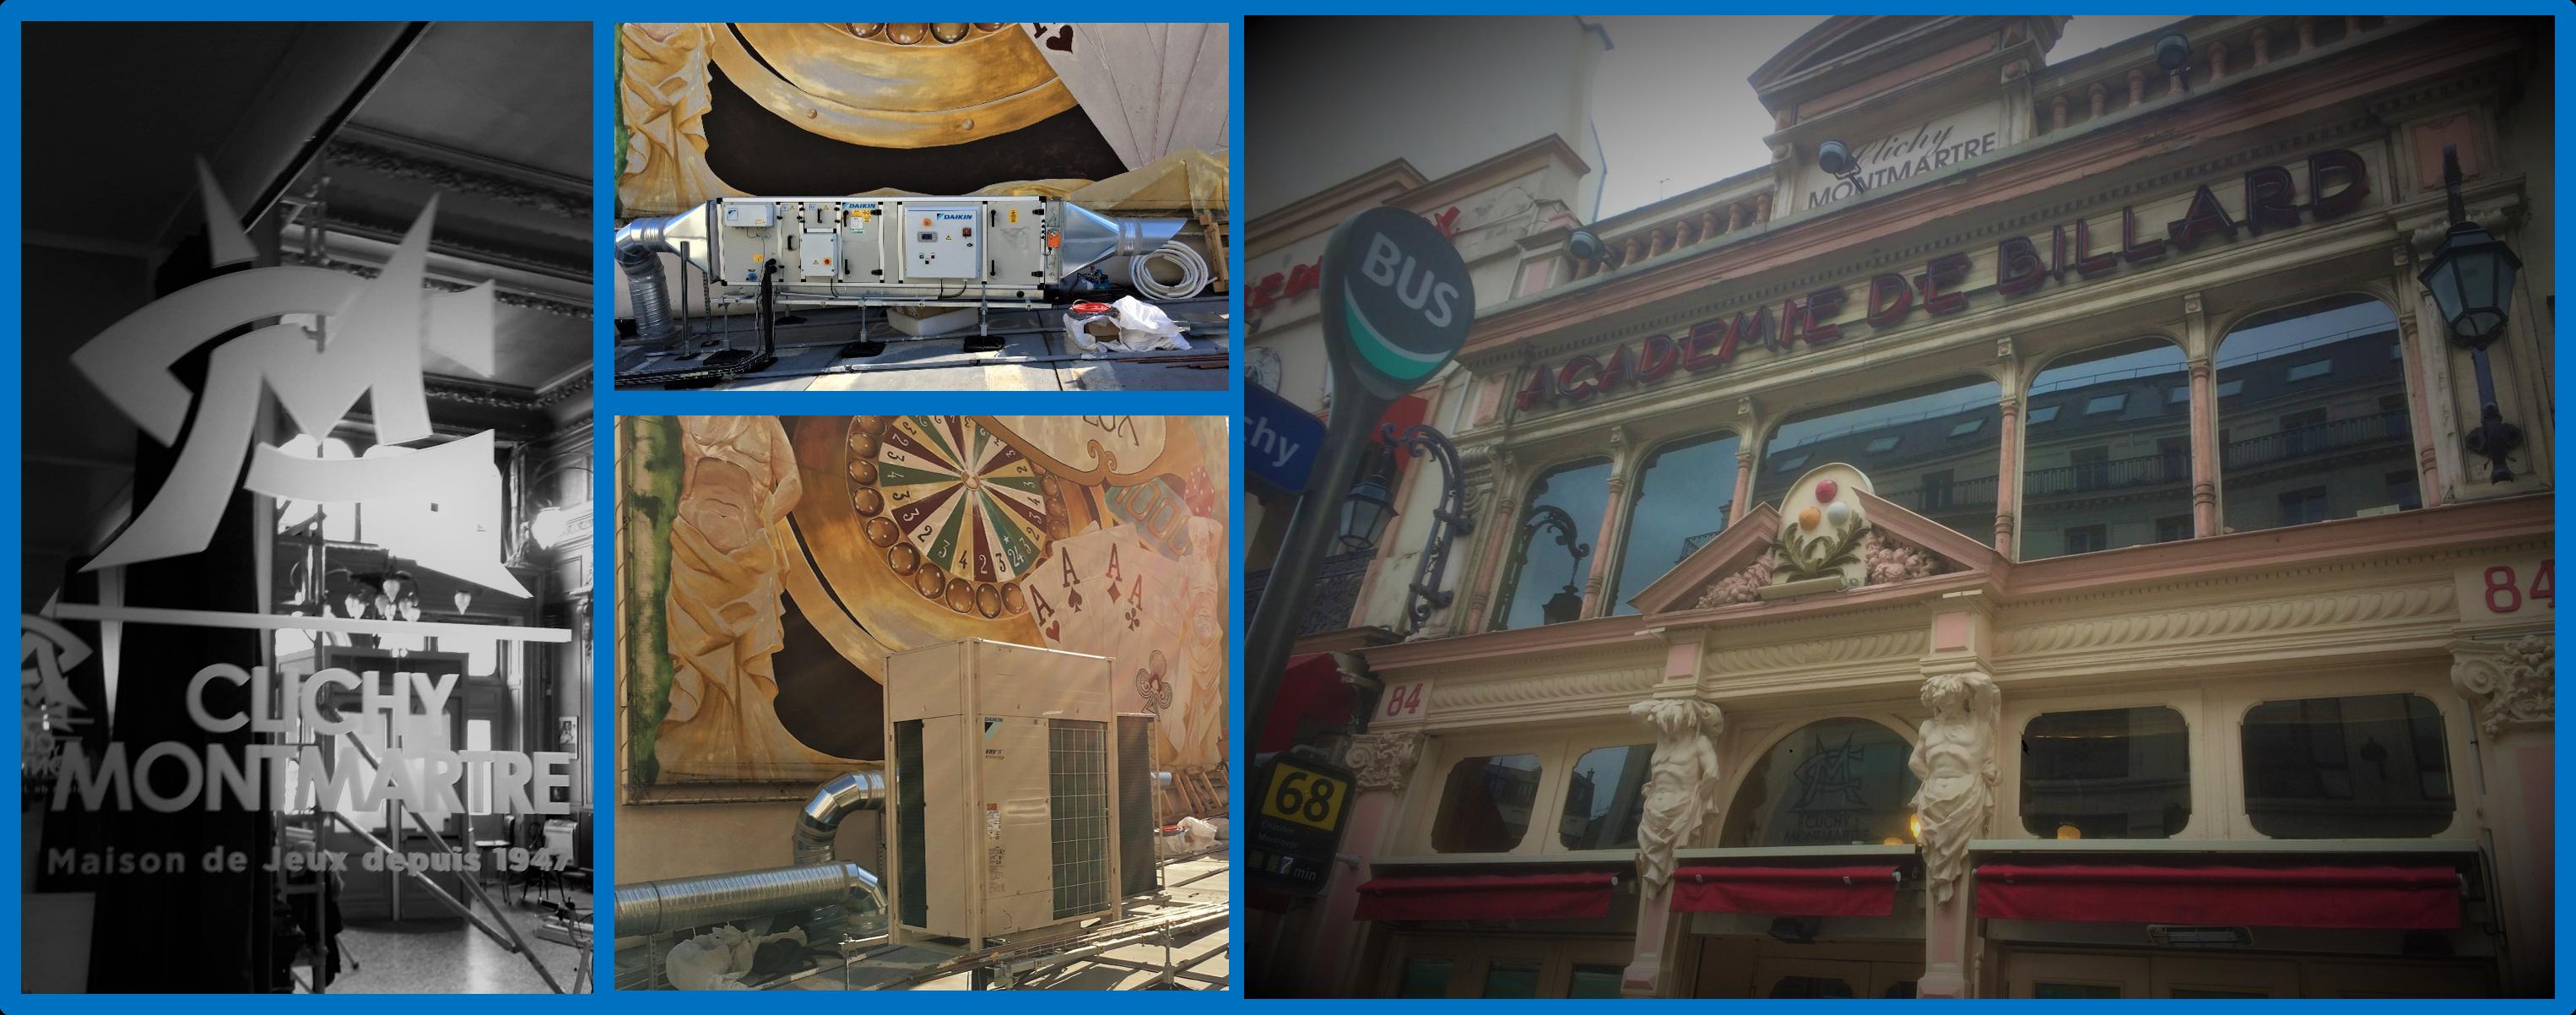 Cercle de Jeux Montmartre